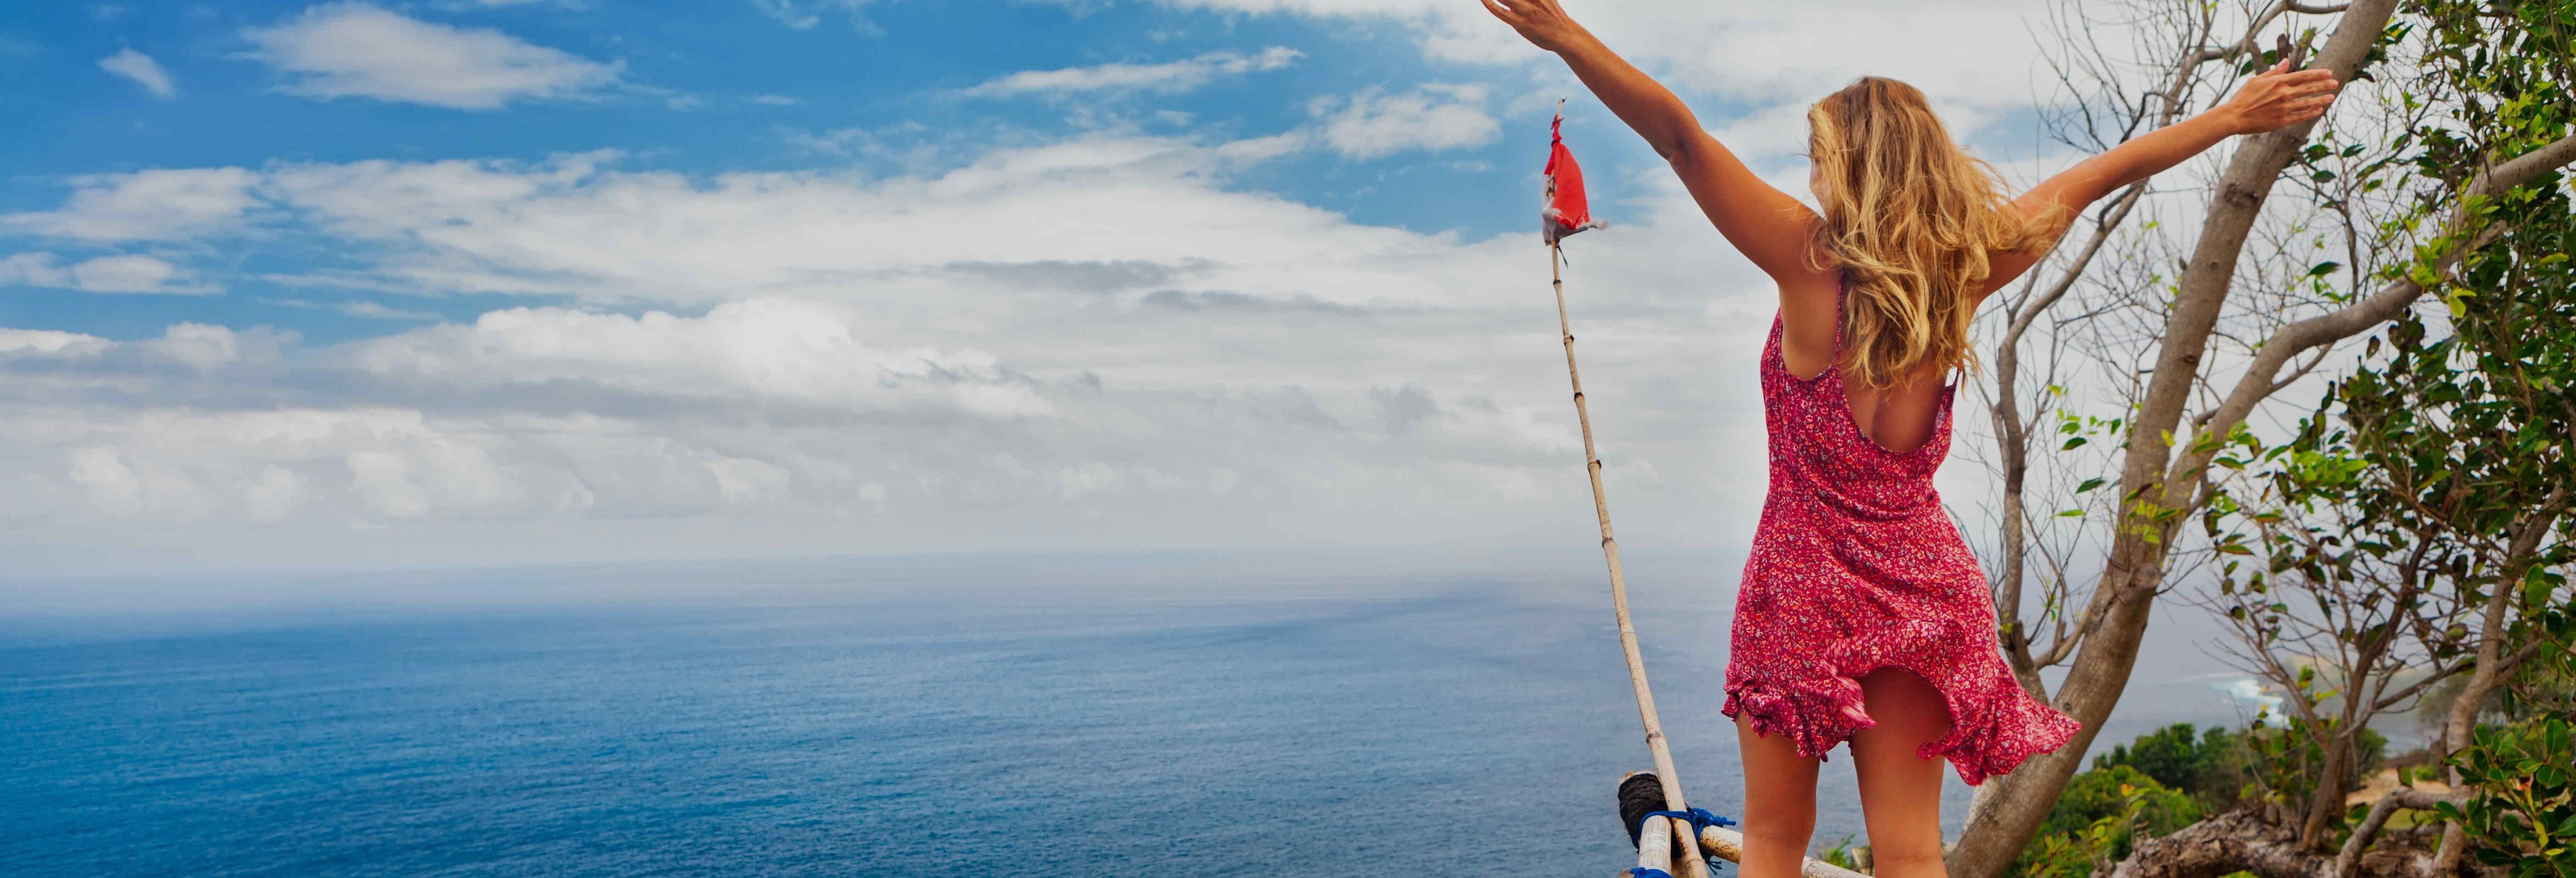 Transfert à Nusa Penida et aux îles Gili en bateau